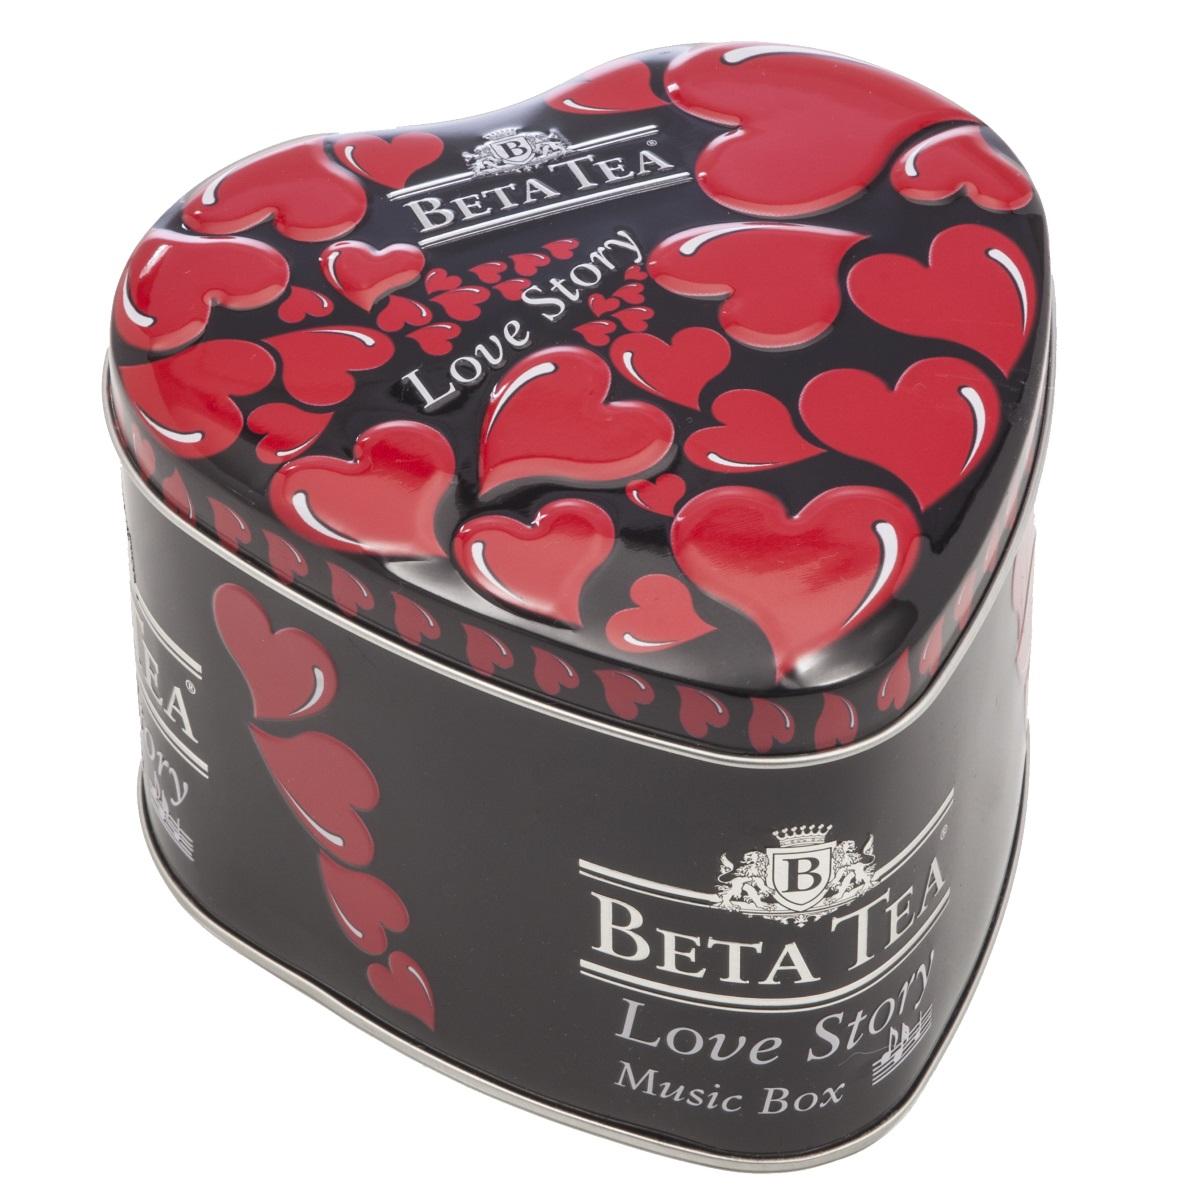 Фото Beta Tea Любовная история черный чай, 100 г (музыкальная шкатулка). Купить  в РФ